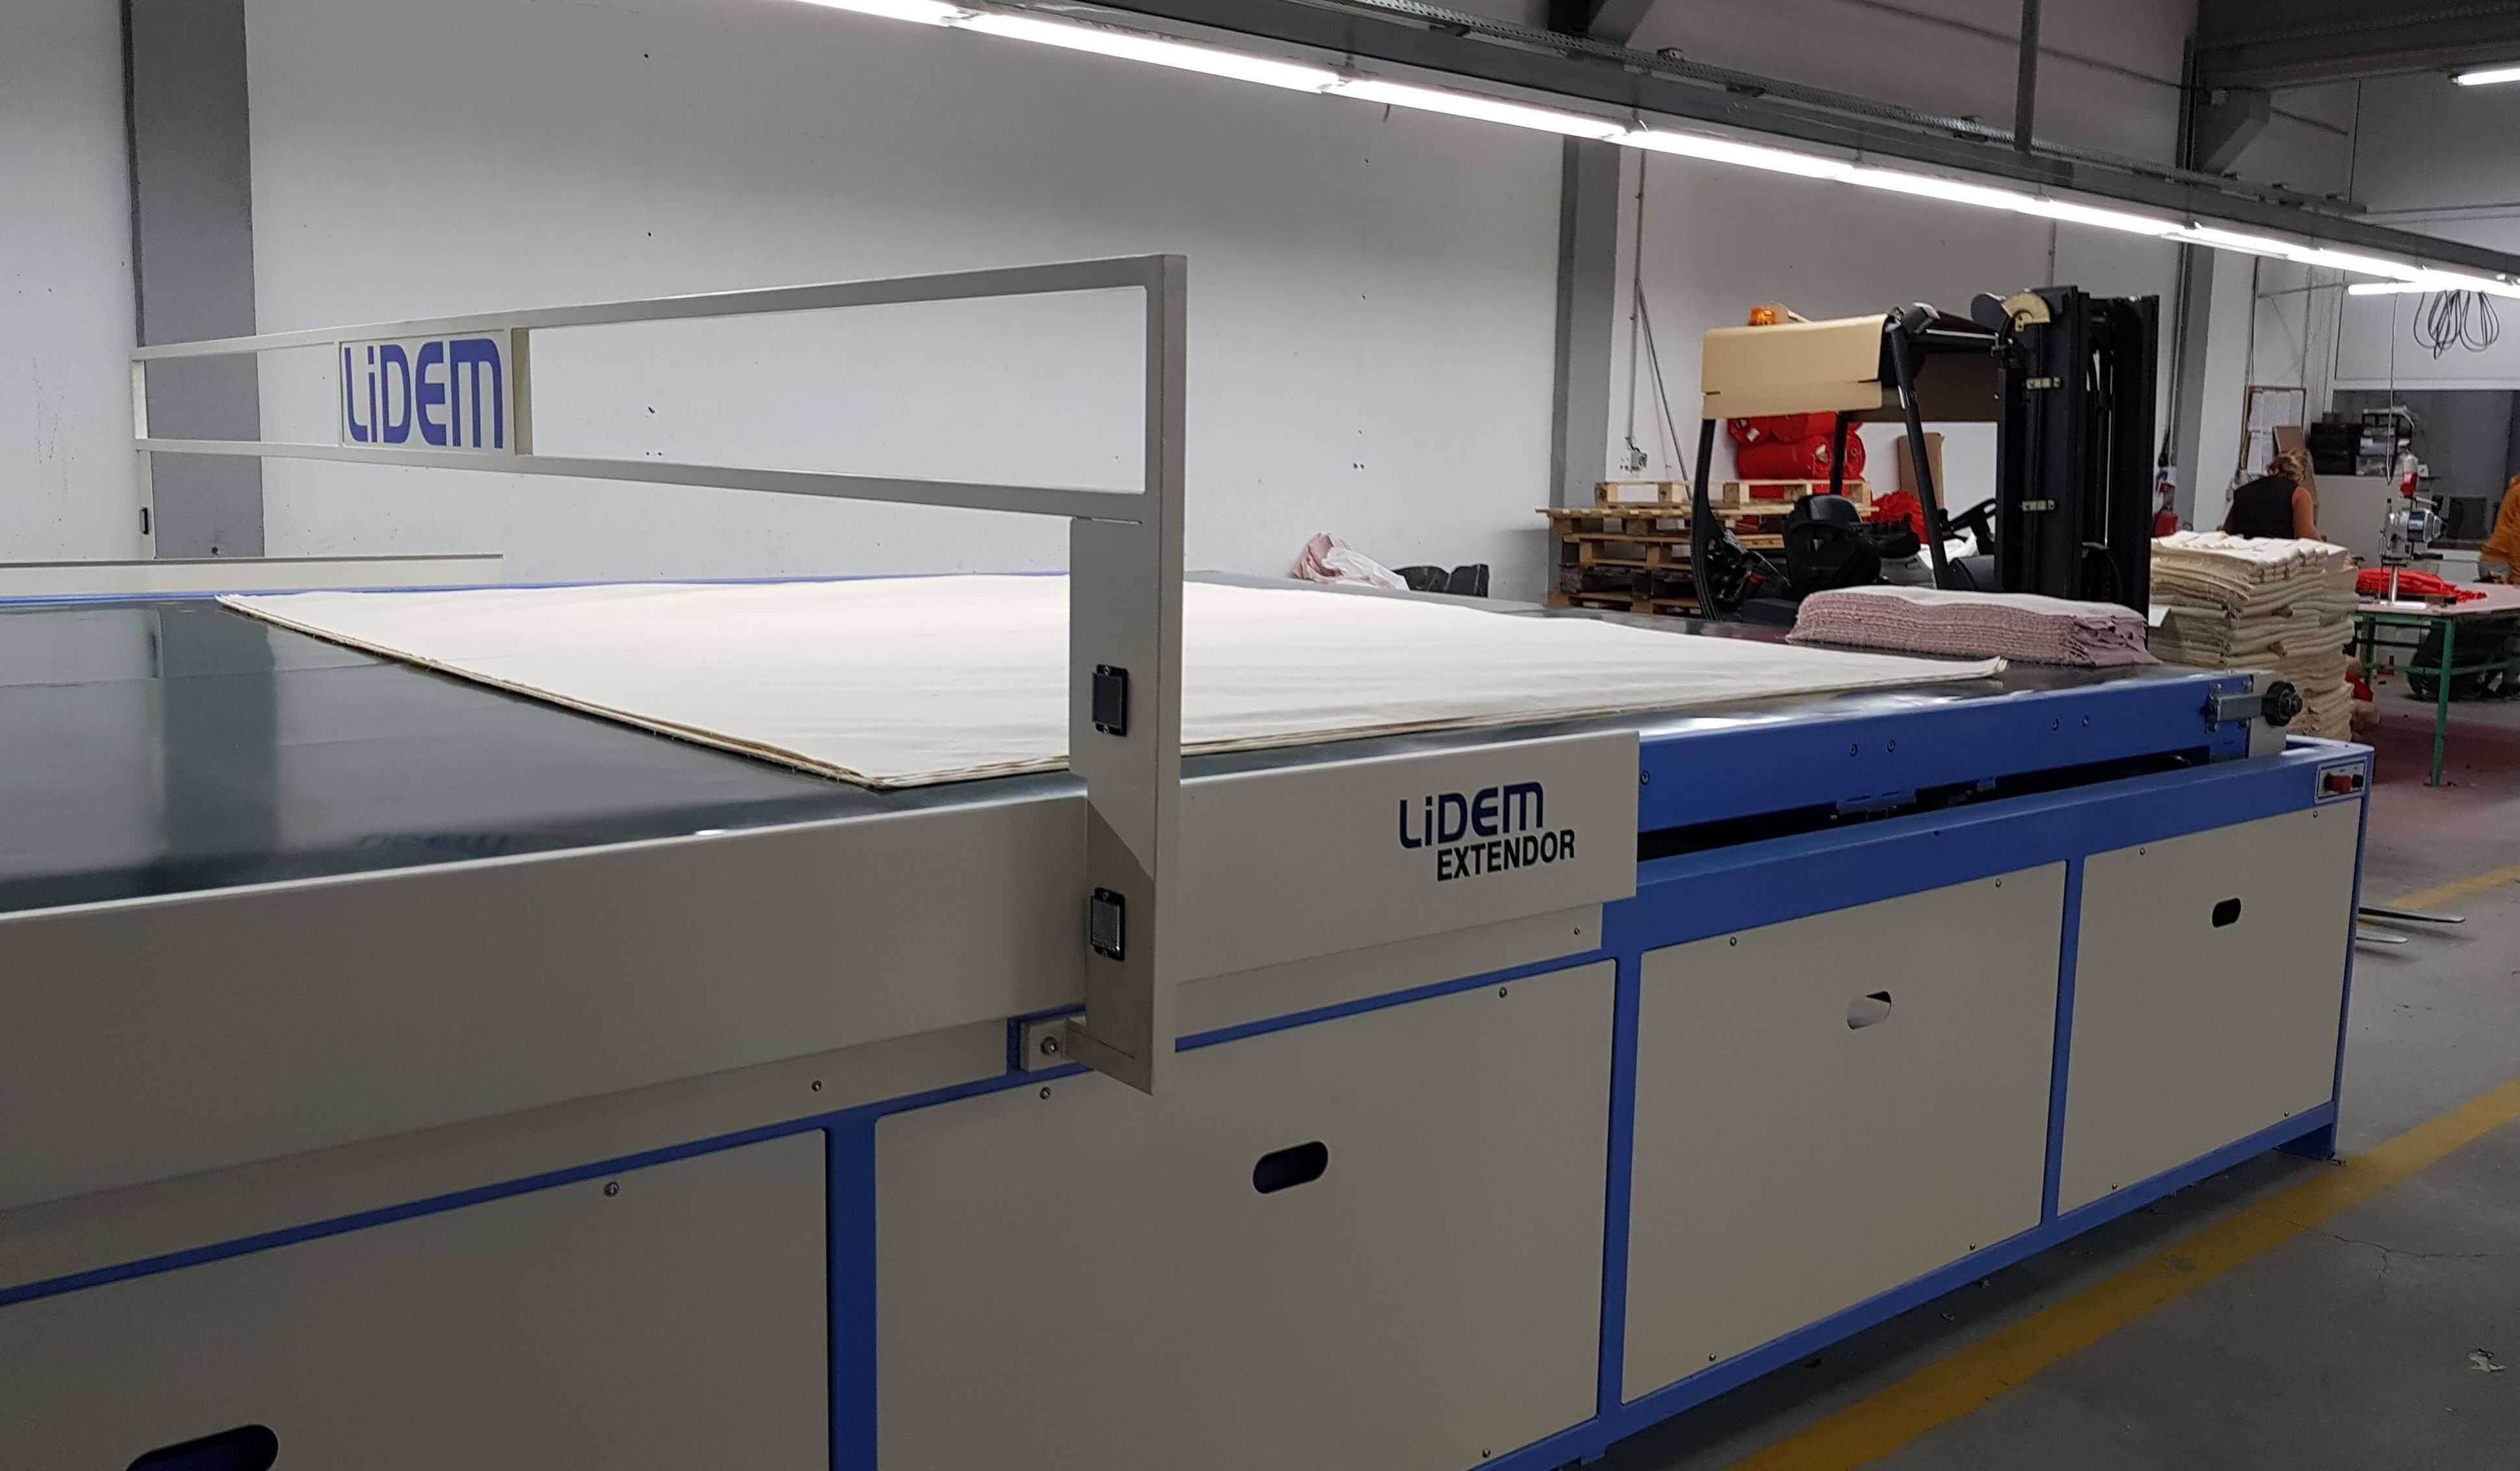 Montaje cuadro eléctrico y programación máquina - Inel